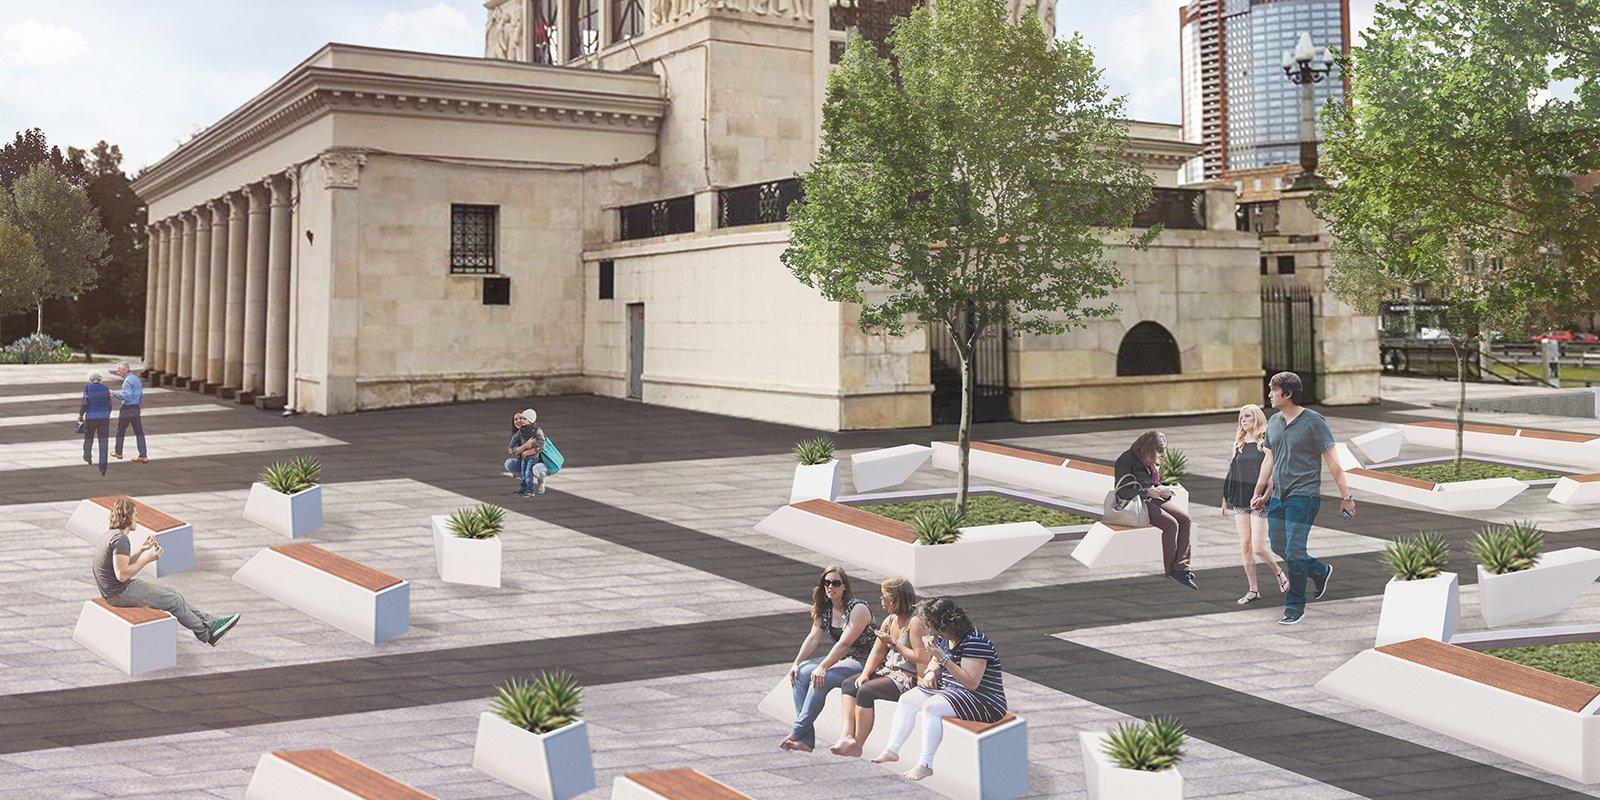 Проектное решение. Фото: сайт мэра Москвы